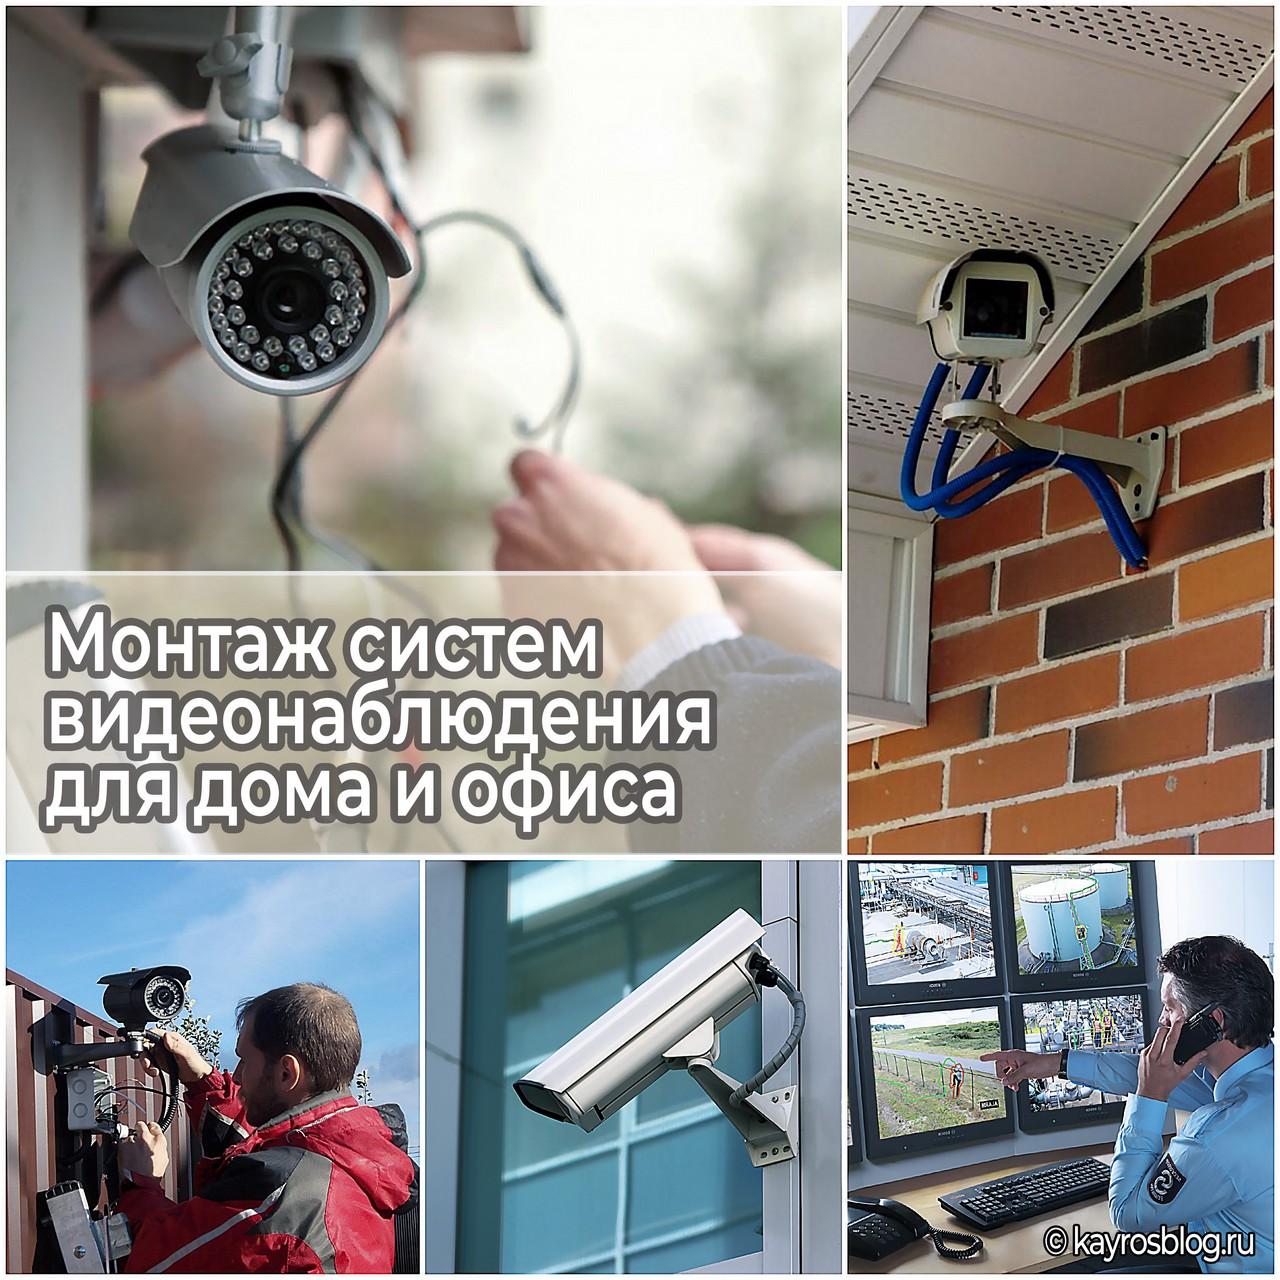 Монтаж систем видеонаблюдения для дома и офиса